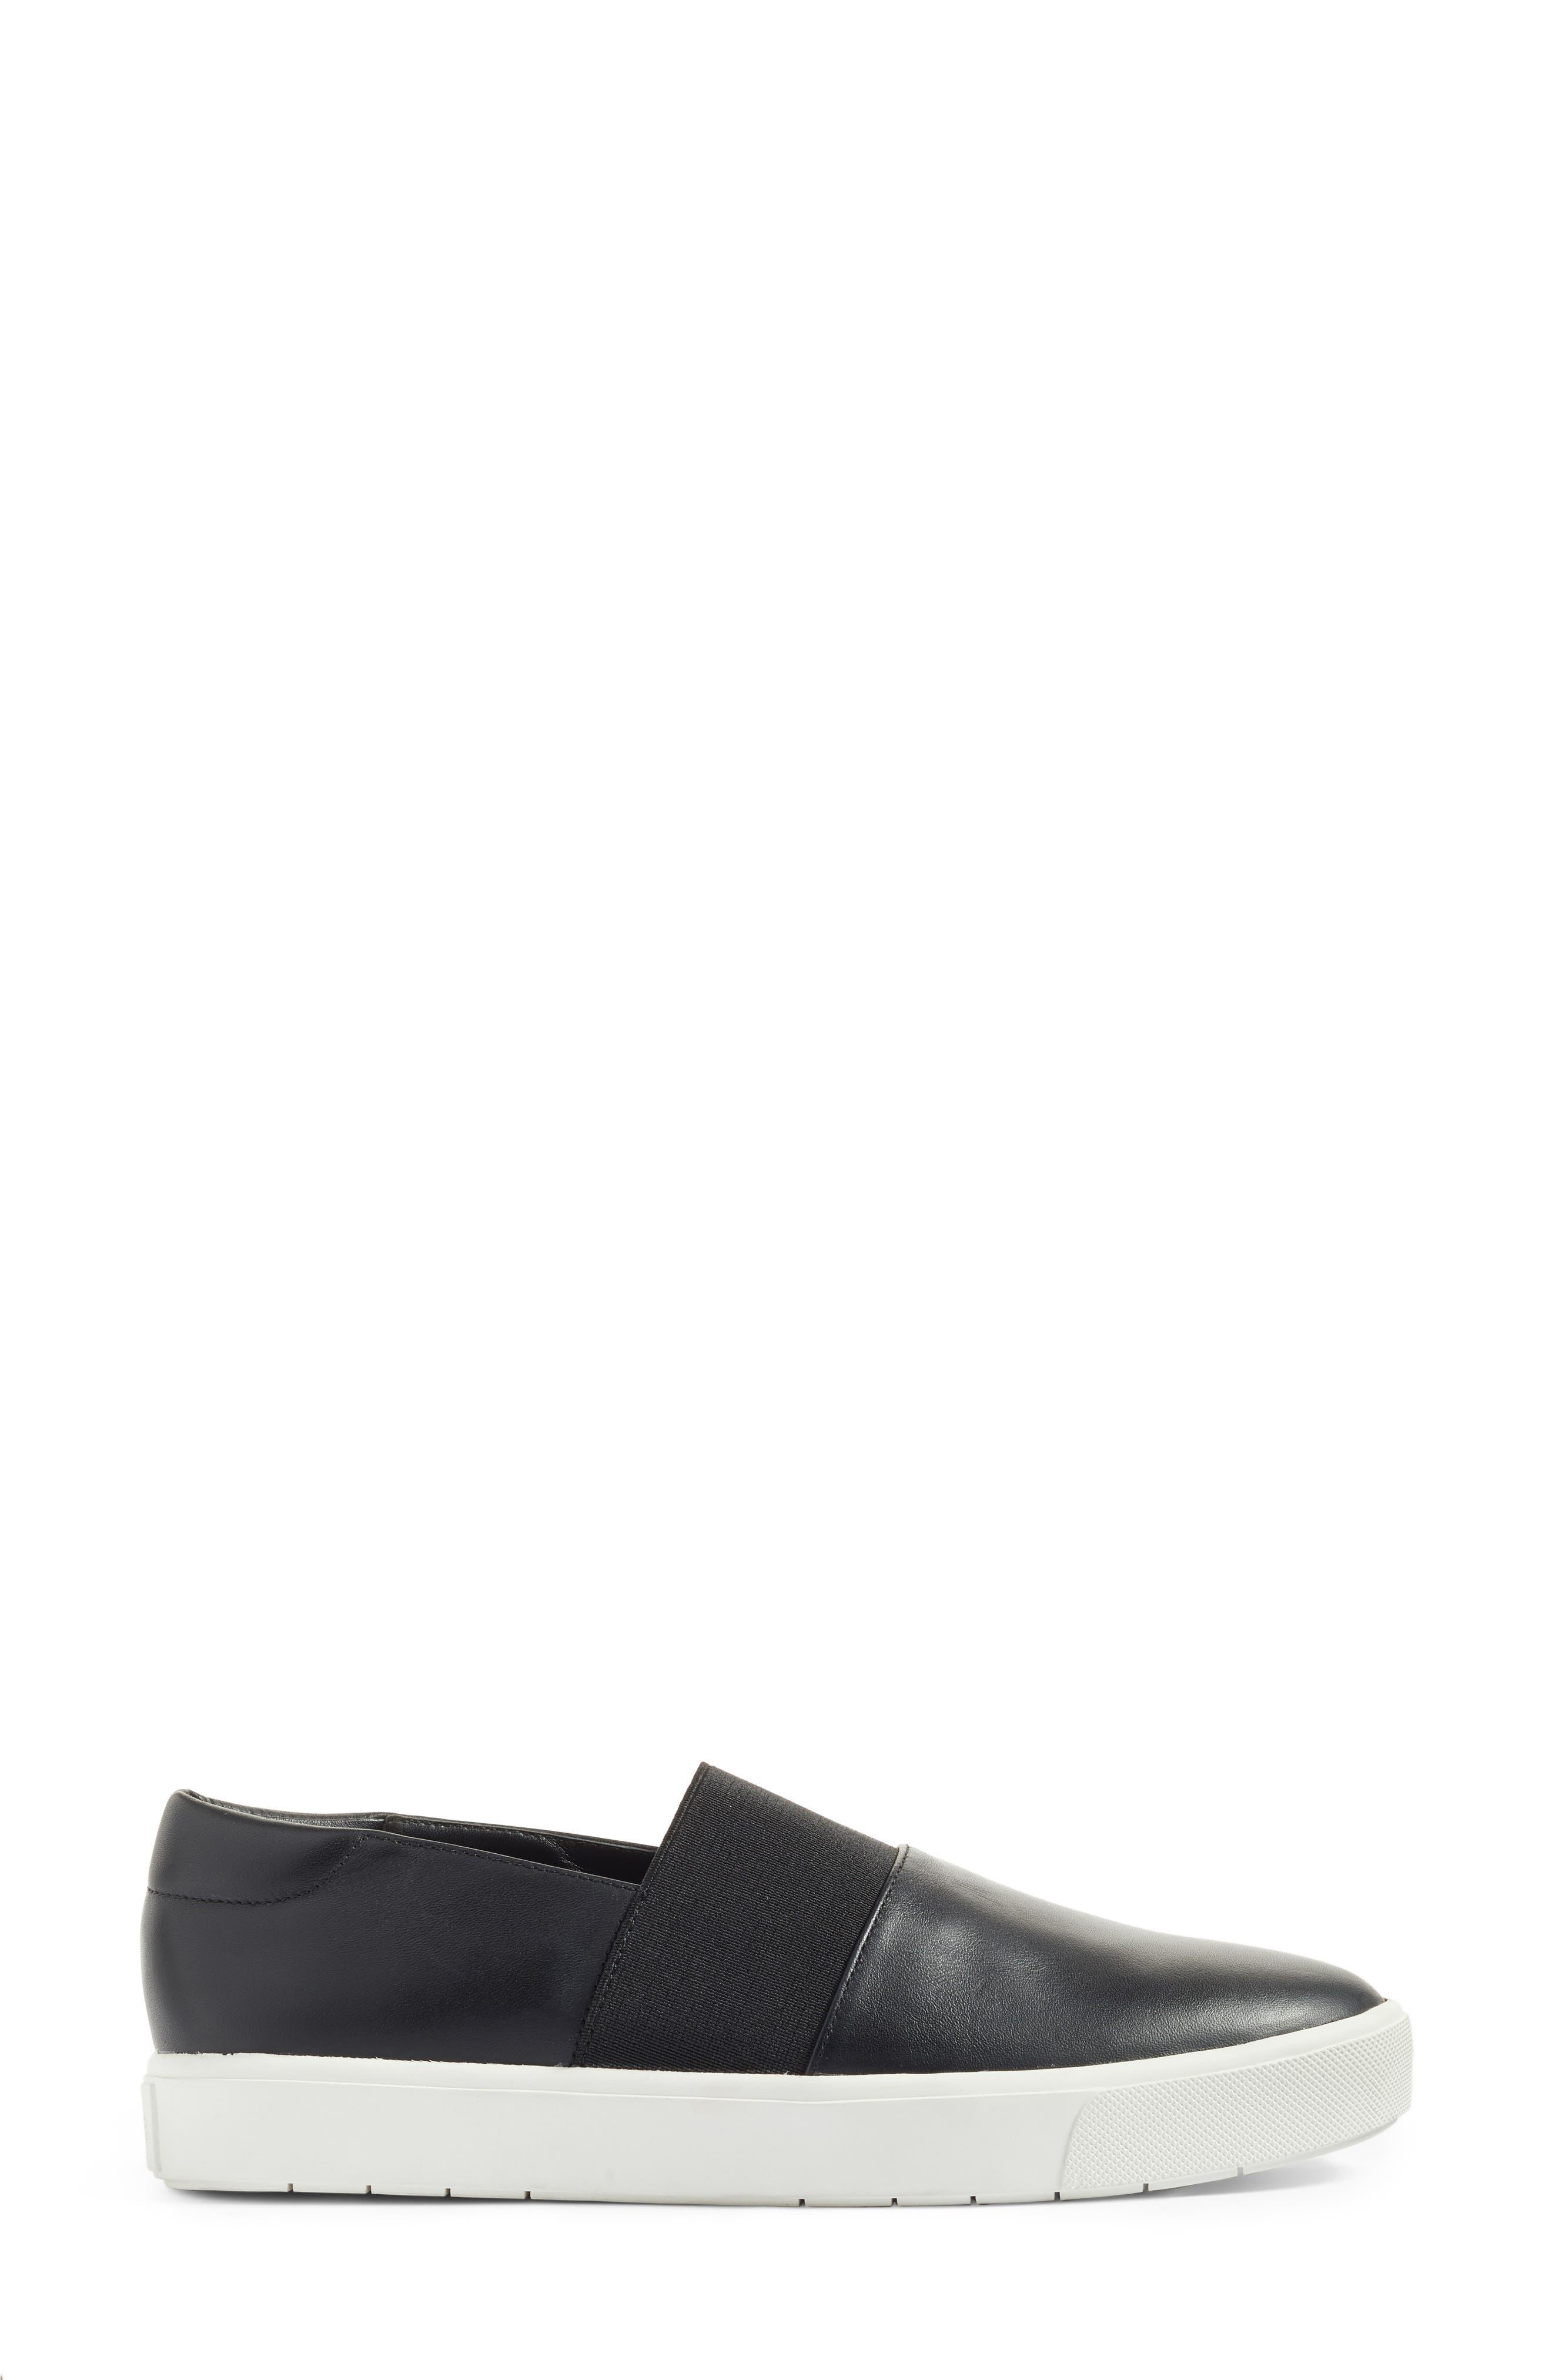 Corbin Slip-On Sneaker,                             Alternate thumbnail 3, color,                             001